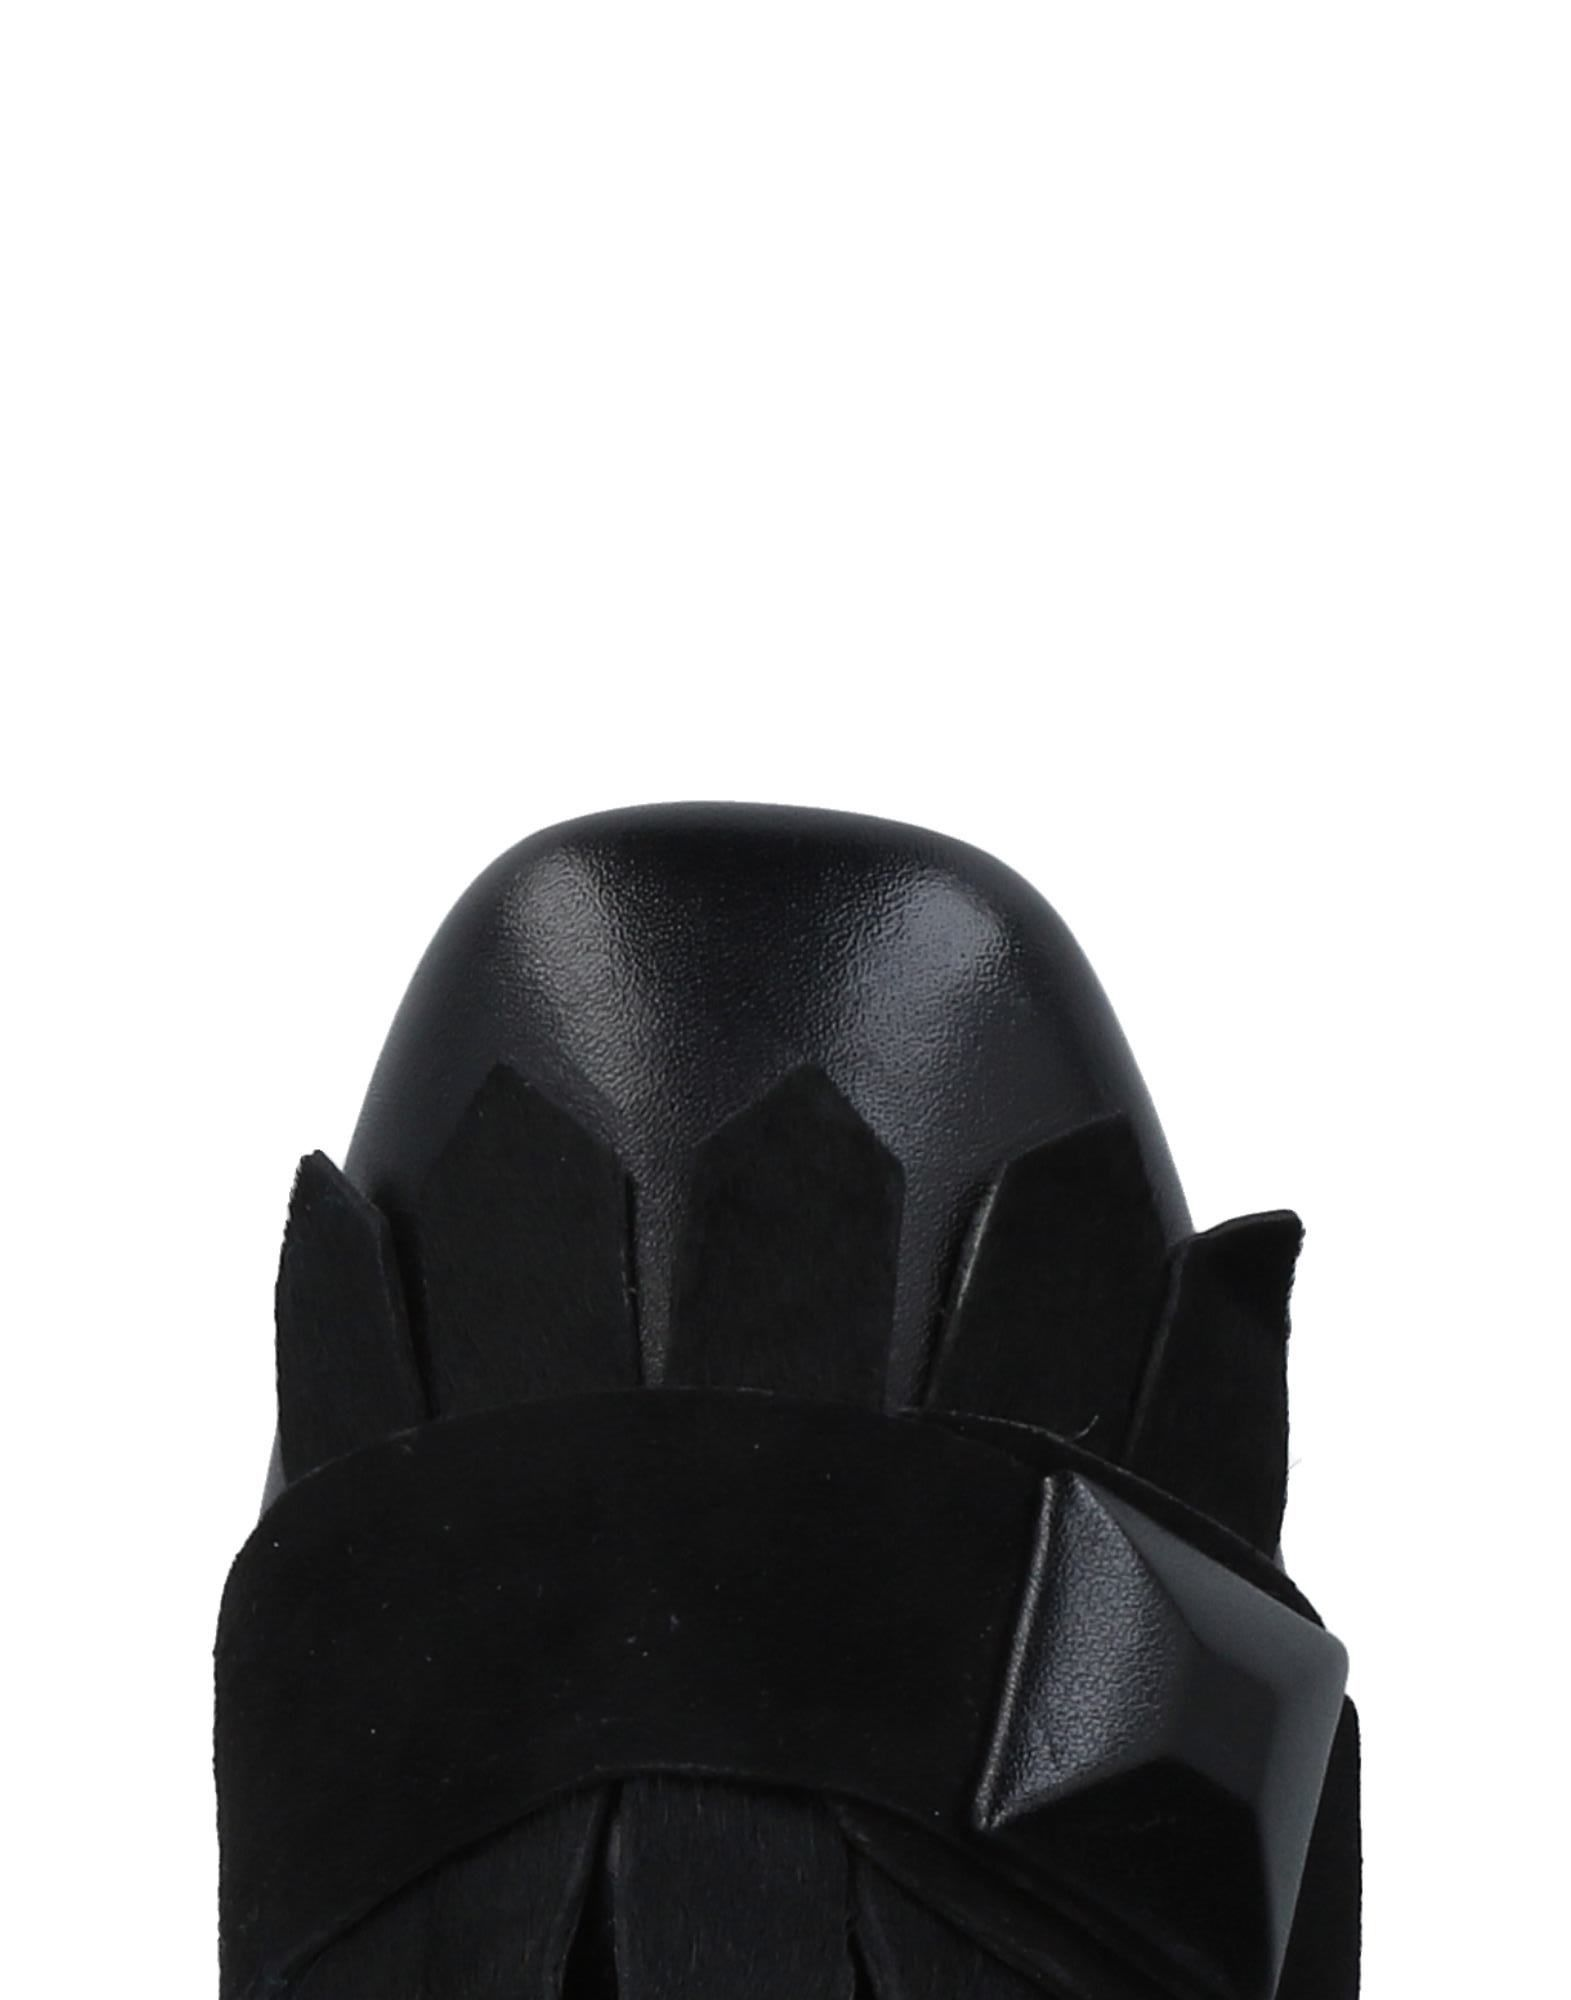 Apepazza Gute Mokassins Damen  11482178OB Gute Apepazza Qualität beliebte Schuhe e0b08d